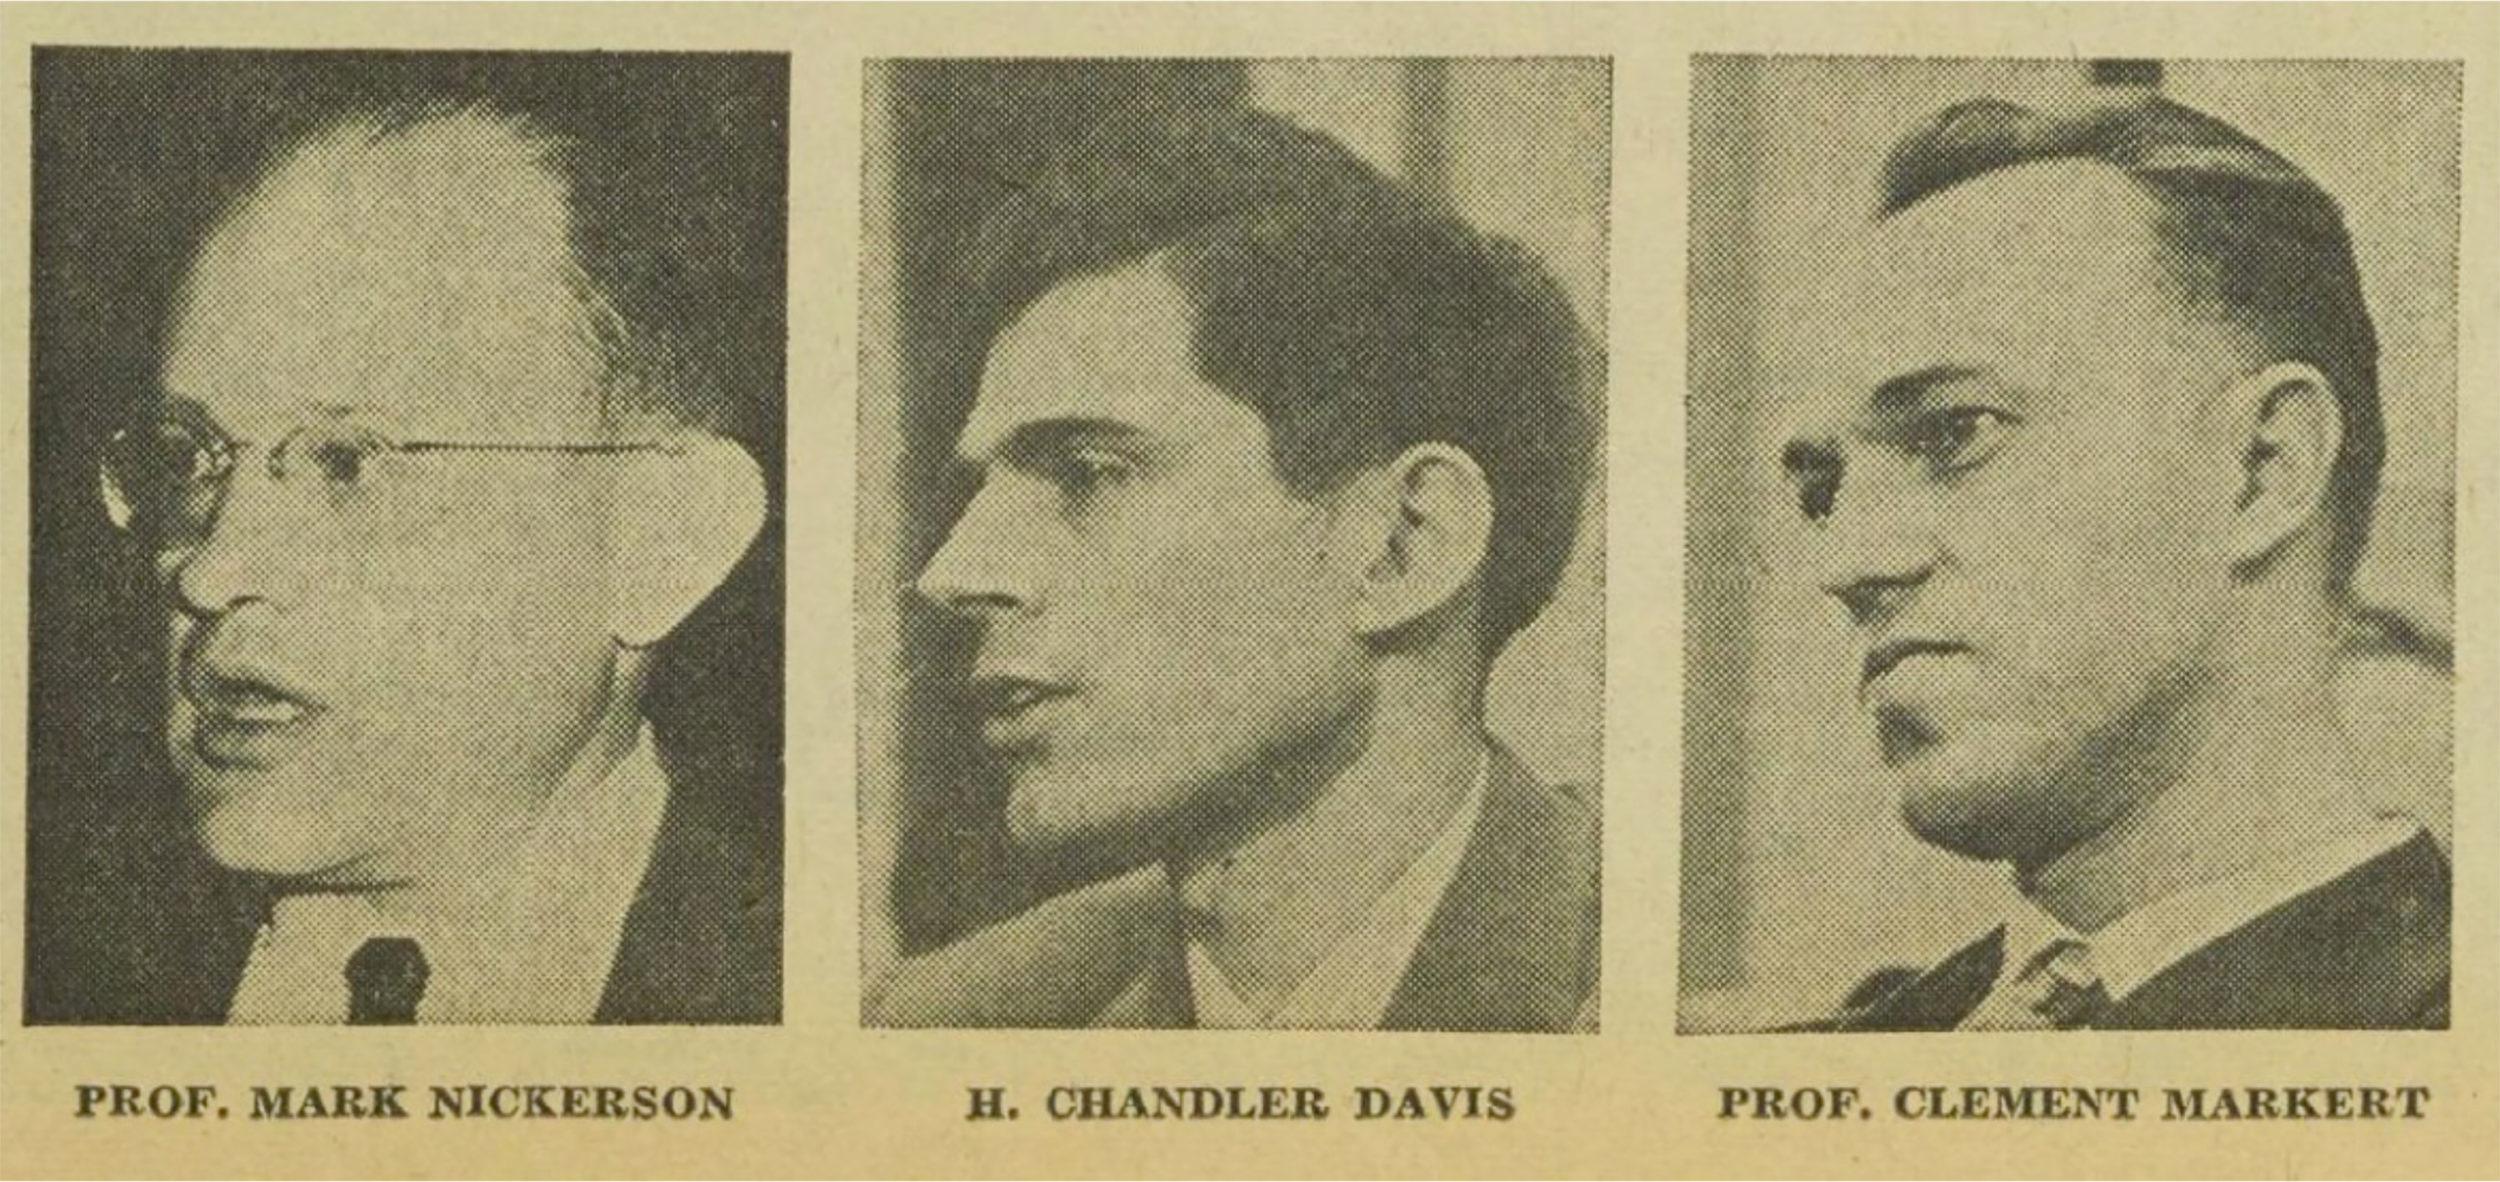 Mark Nickerson, Chandler Davis and Clement Markert